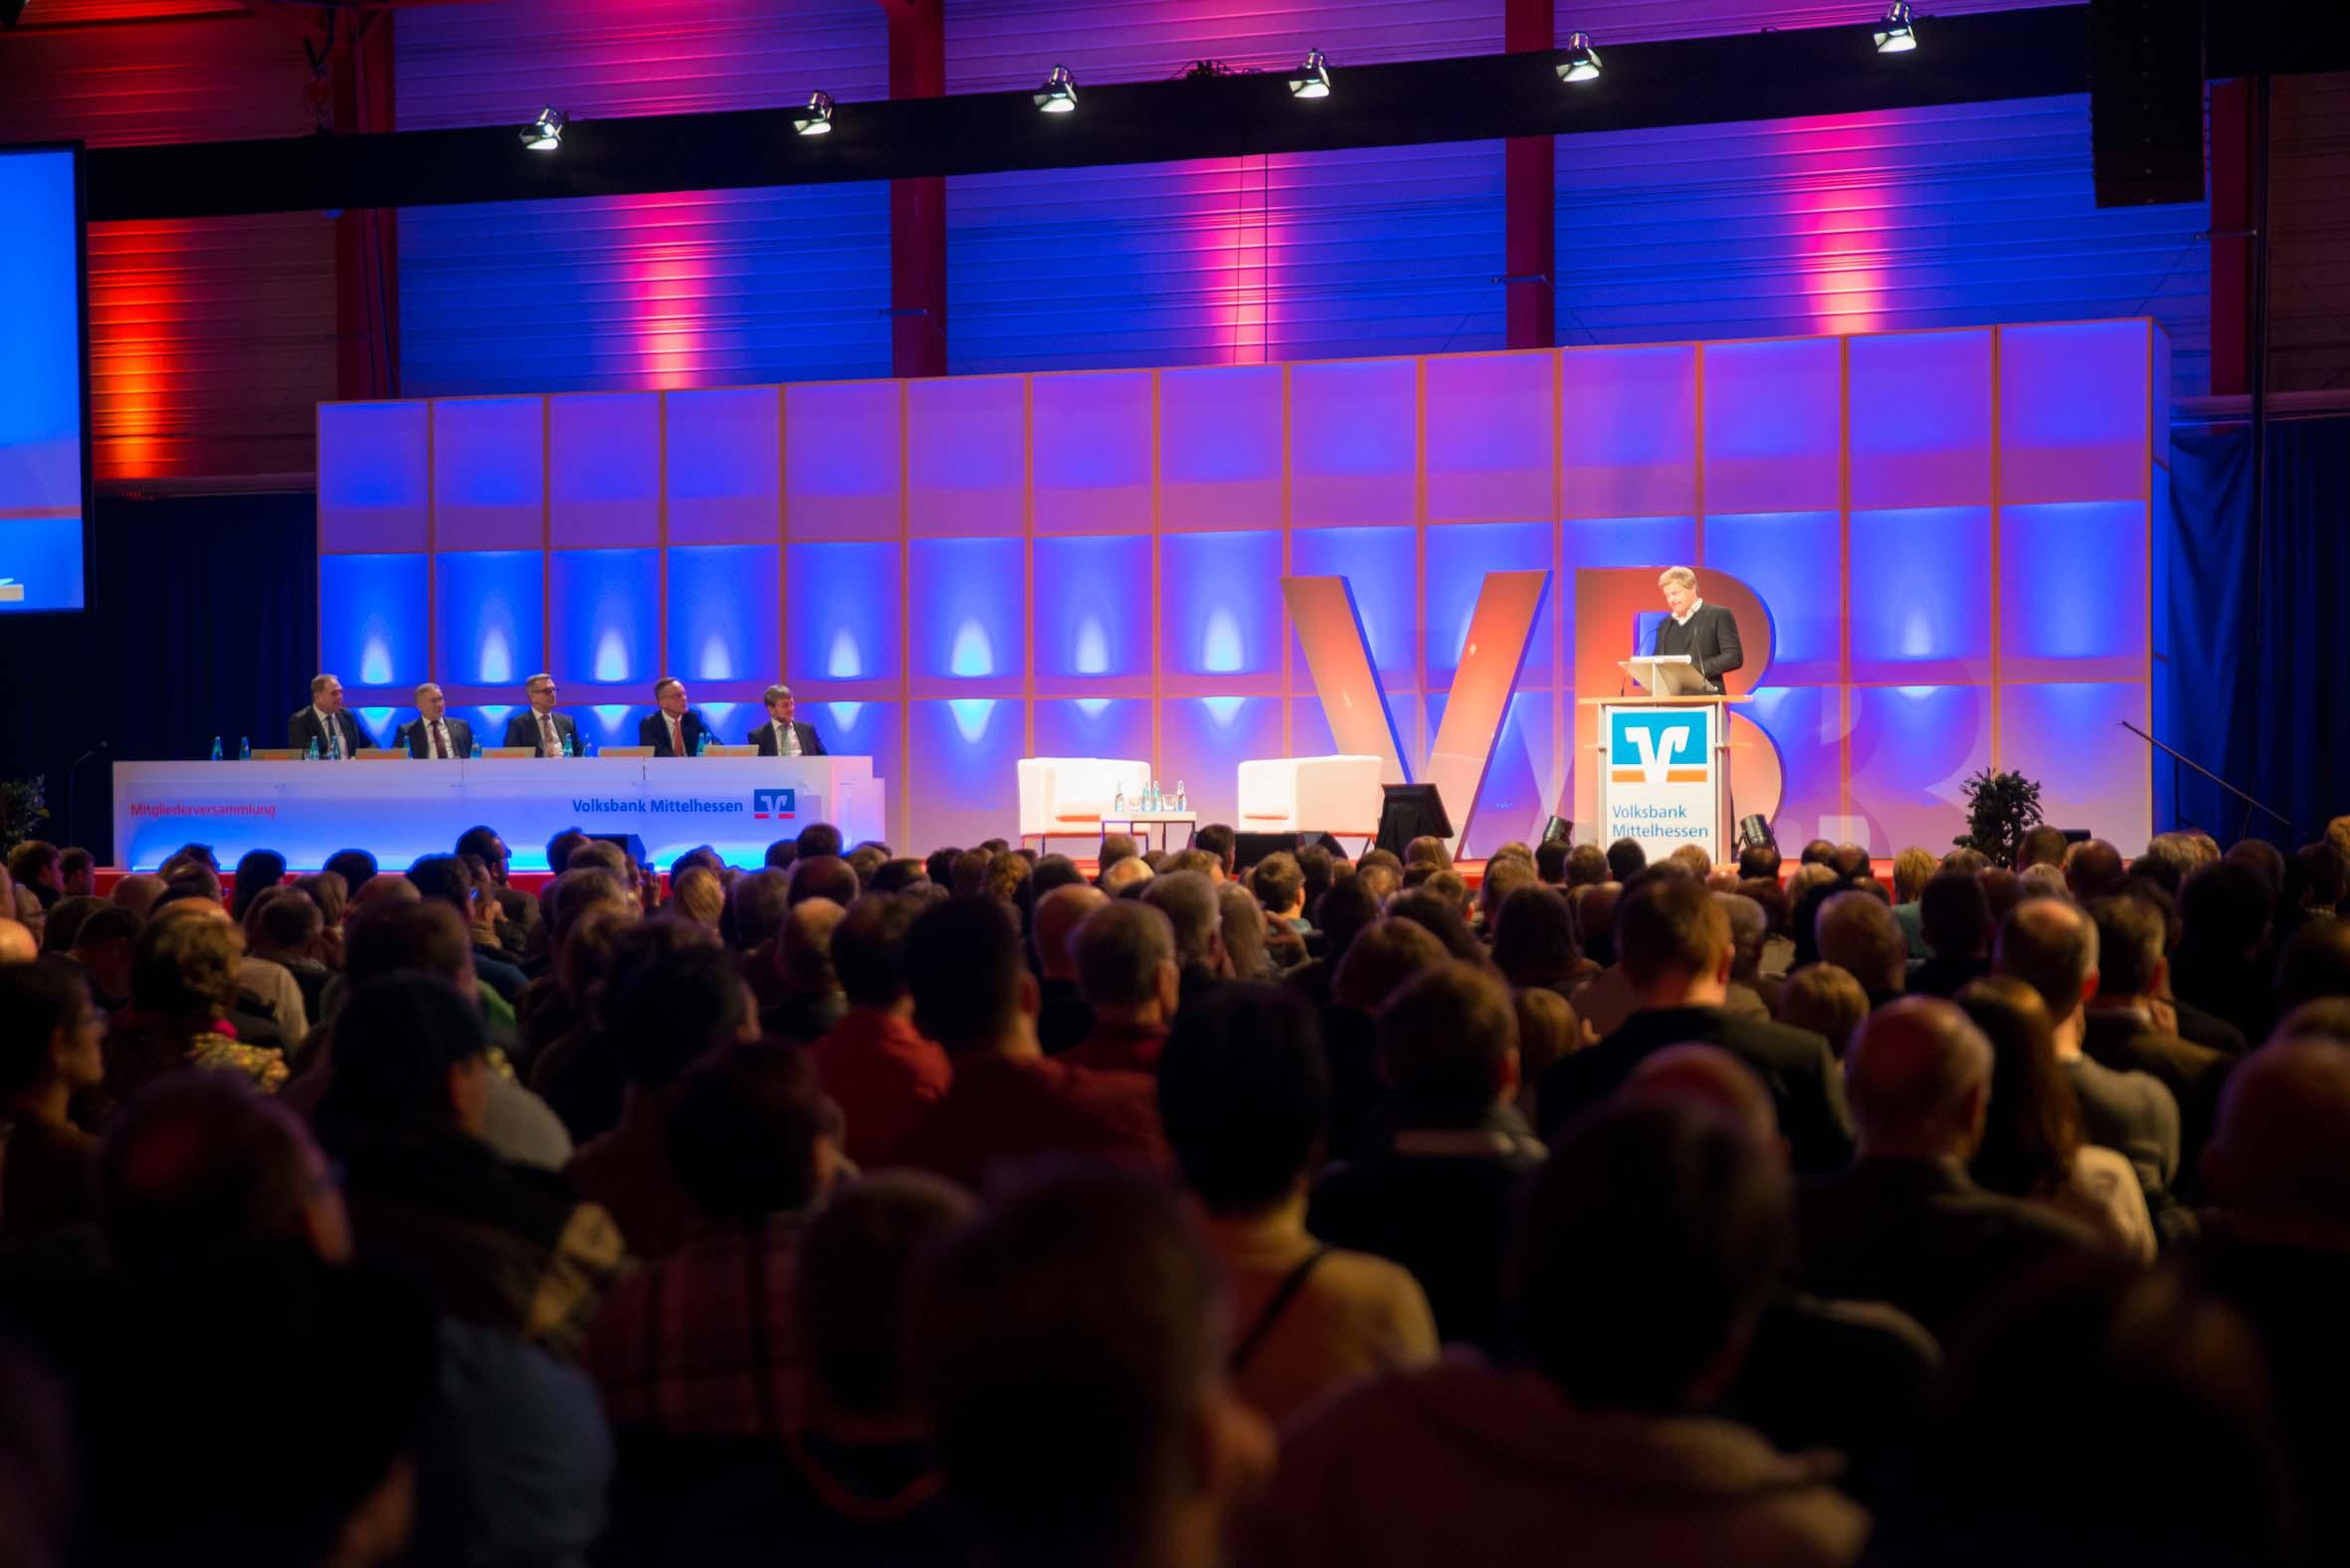 Bildergalerie Mitgliederversammlung 2015 in Gießen, Bild 51